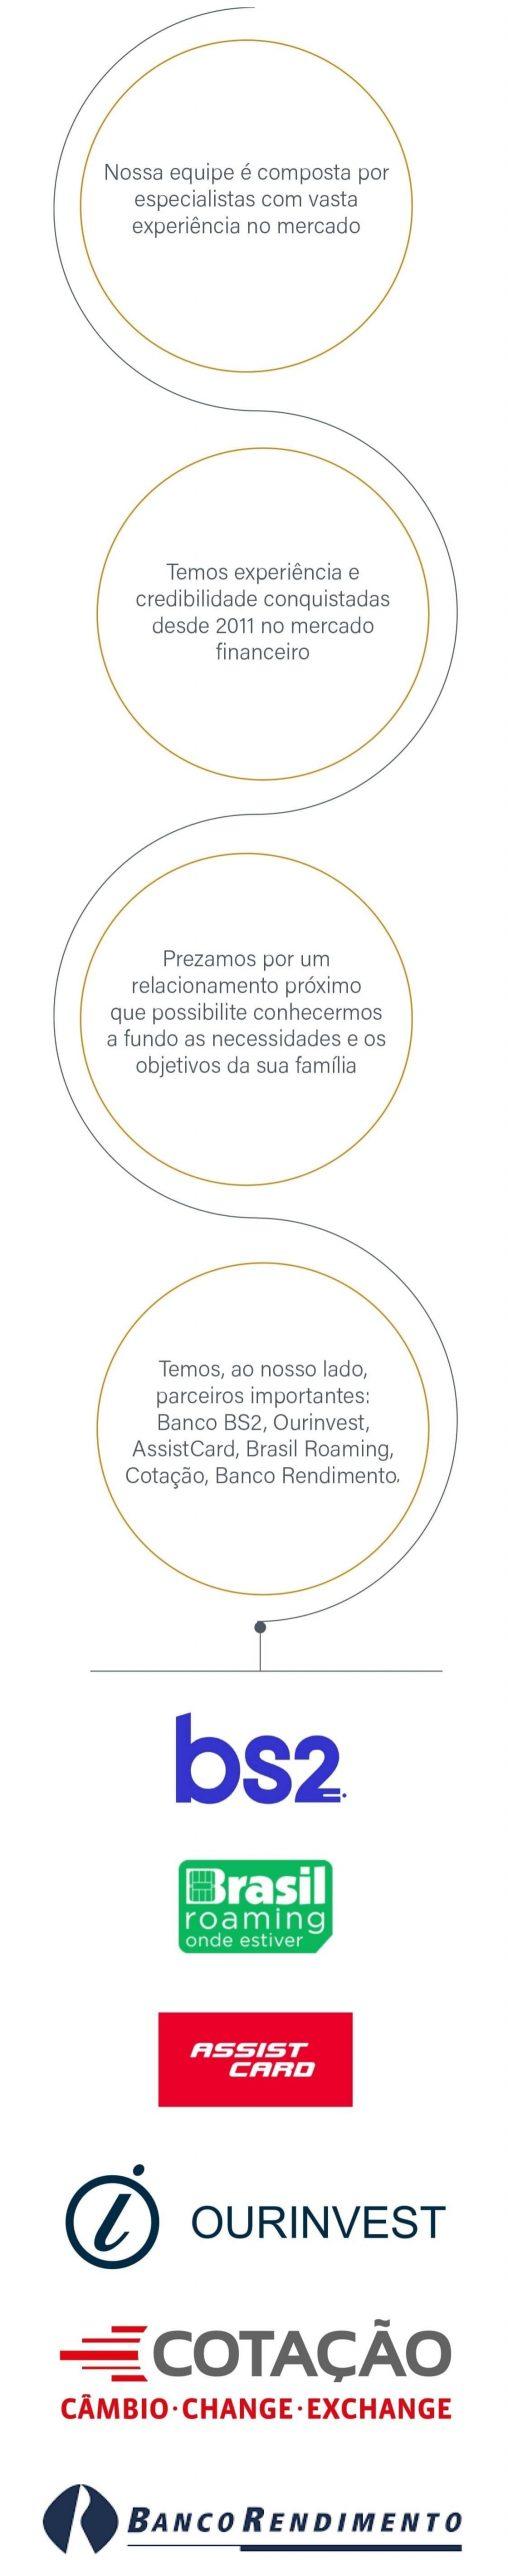 lifetime-cambio-servico-mobile